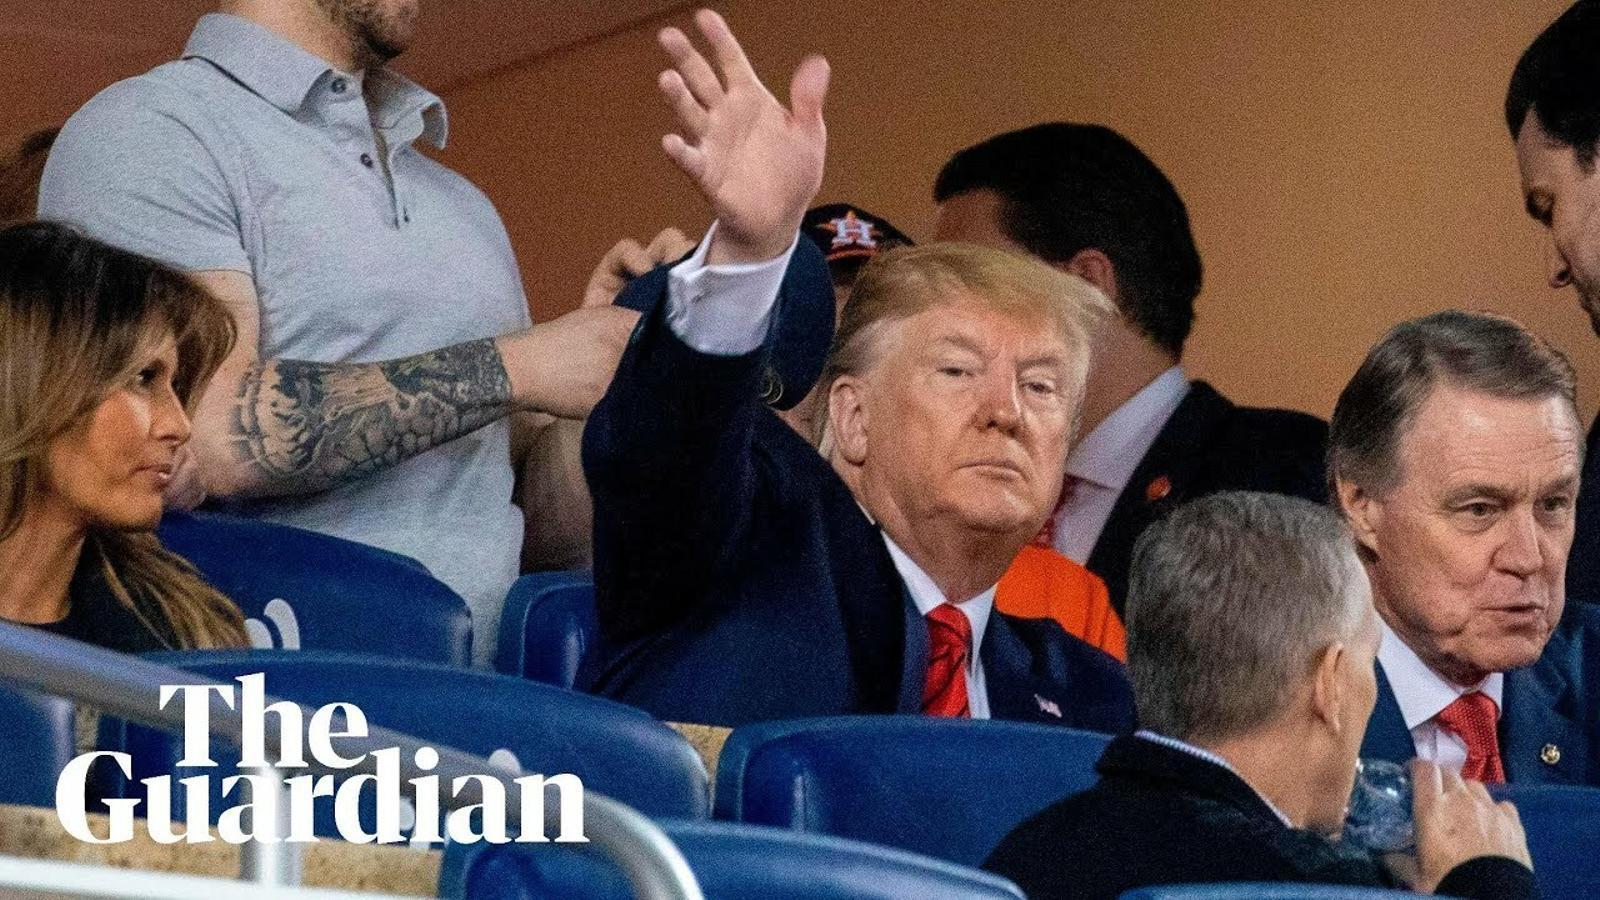 El públic de les series mundials escridassa a Donald Trump durant un partit a Washington.